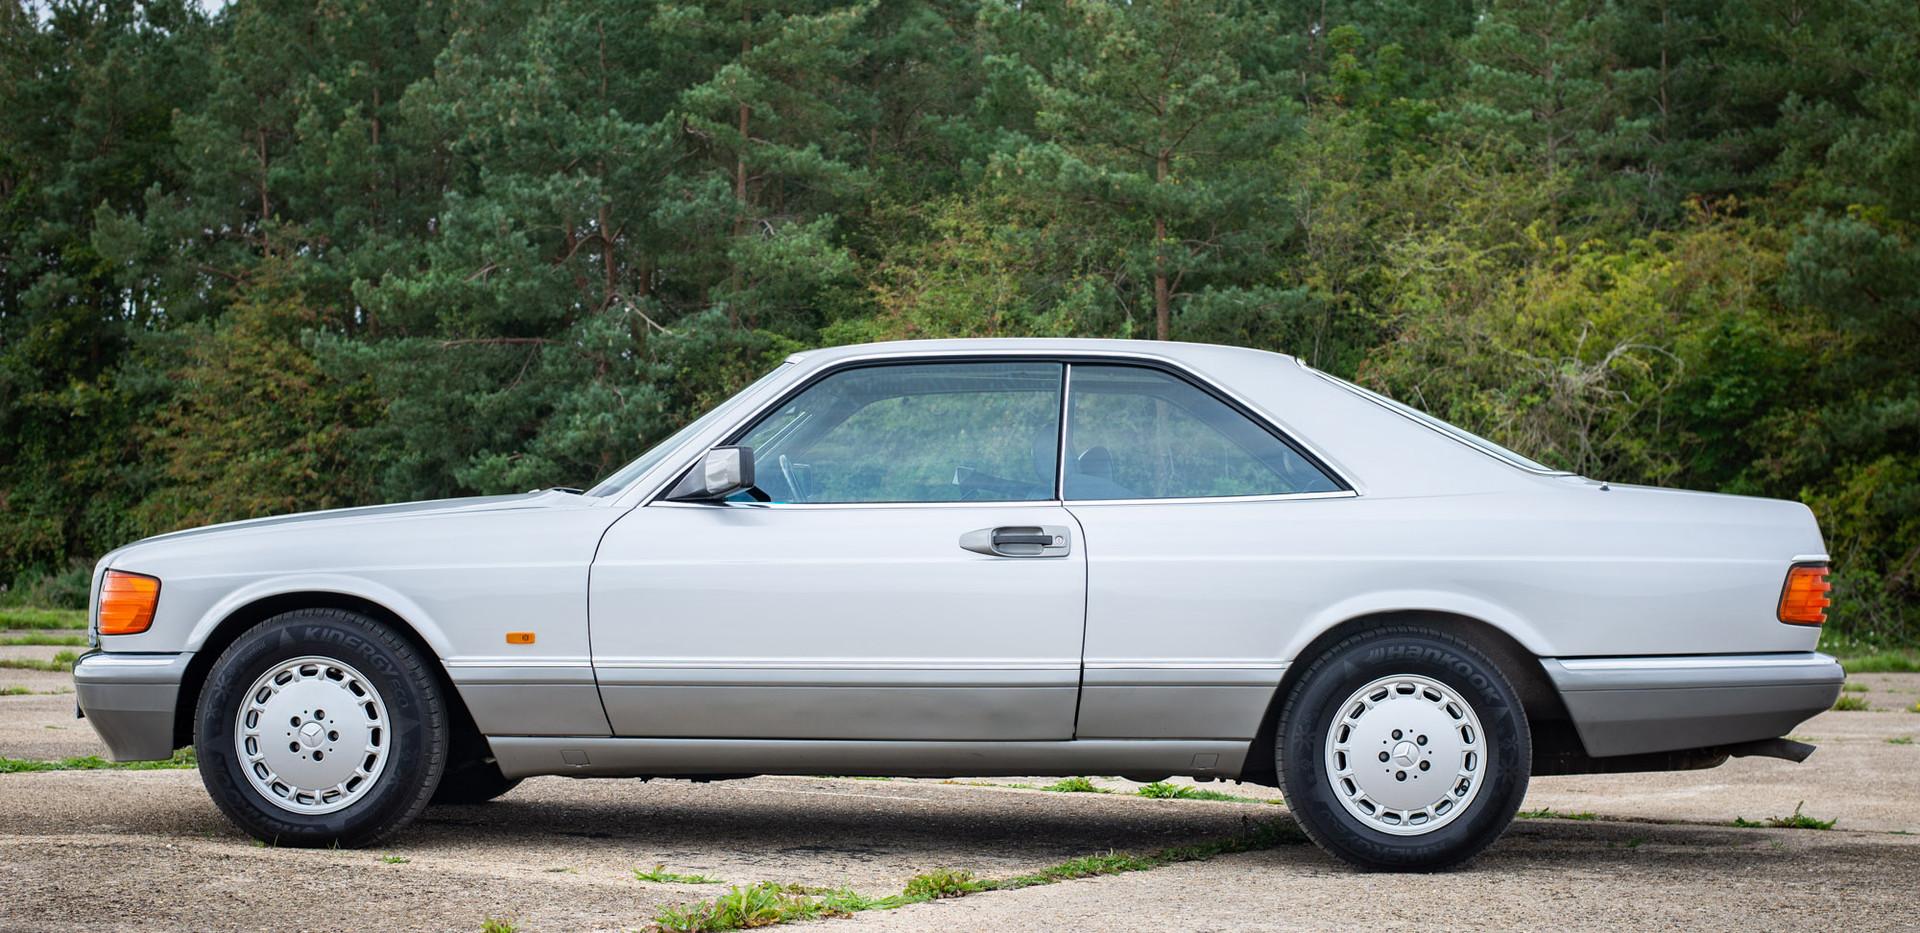 W126 420SEC - Uk for sale london-22.jpg